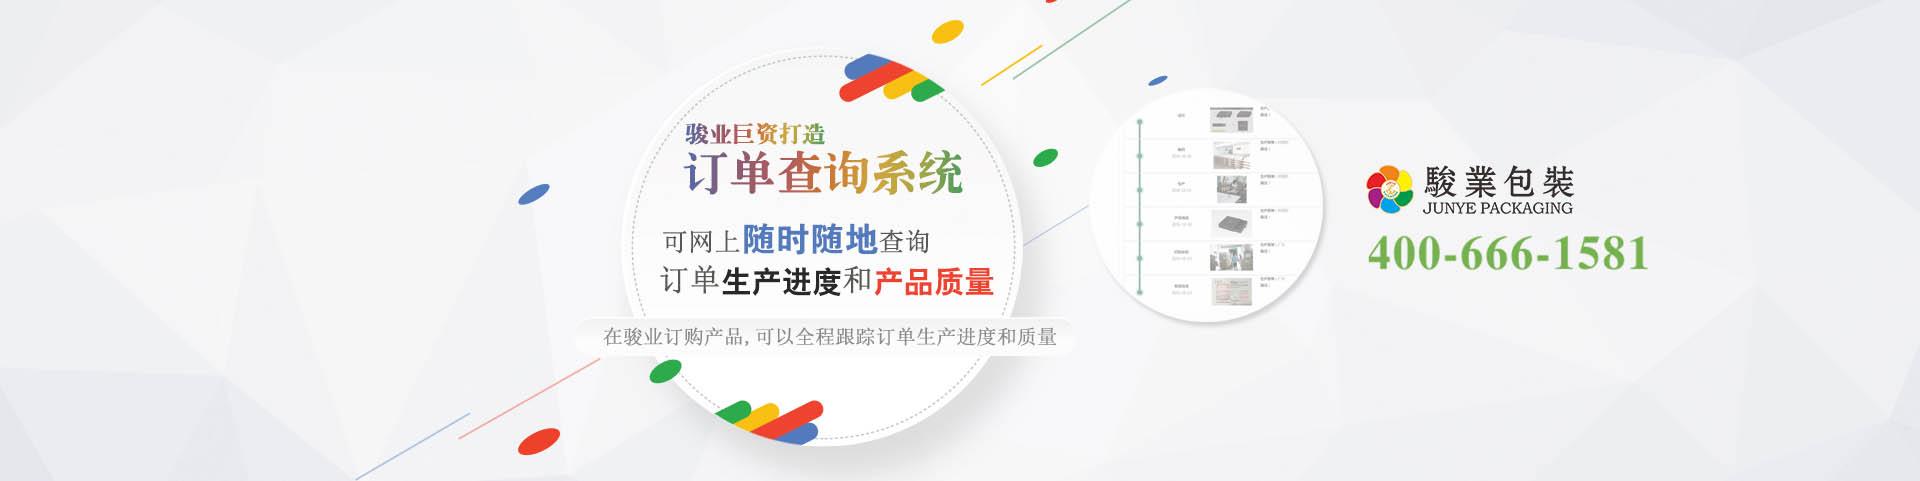 包装盒厂家|广州骏业包装实业有限公司